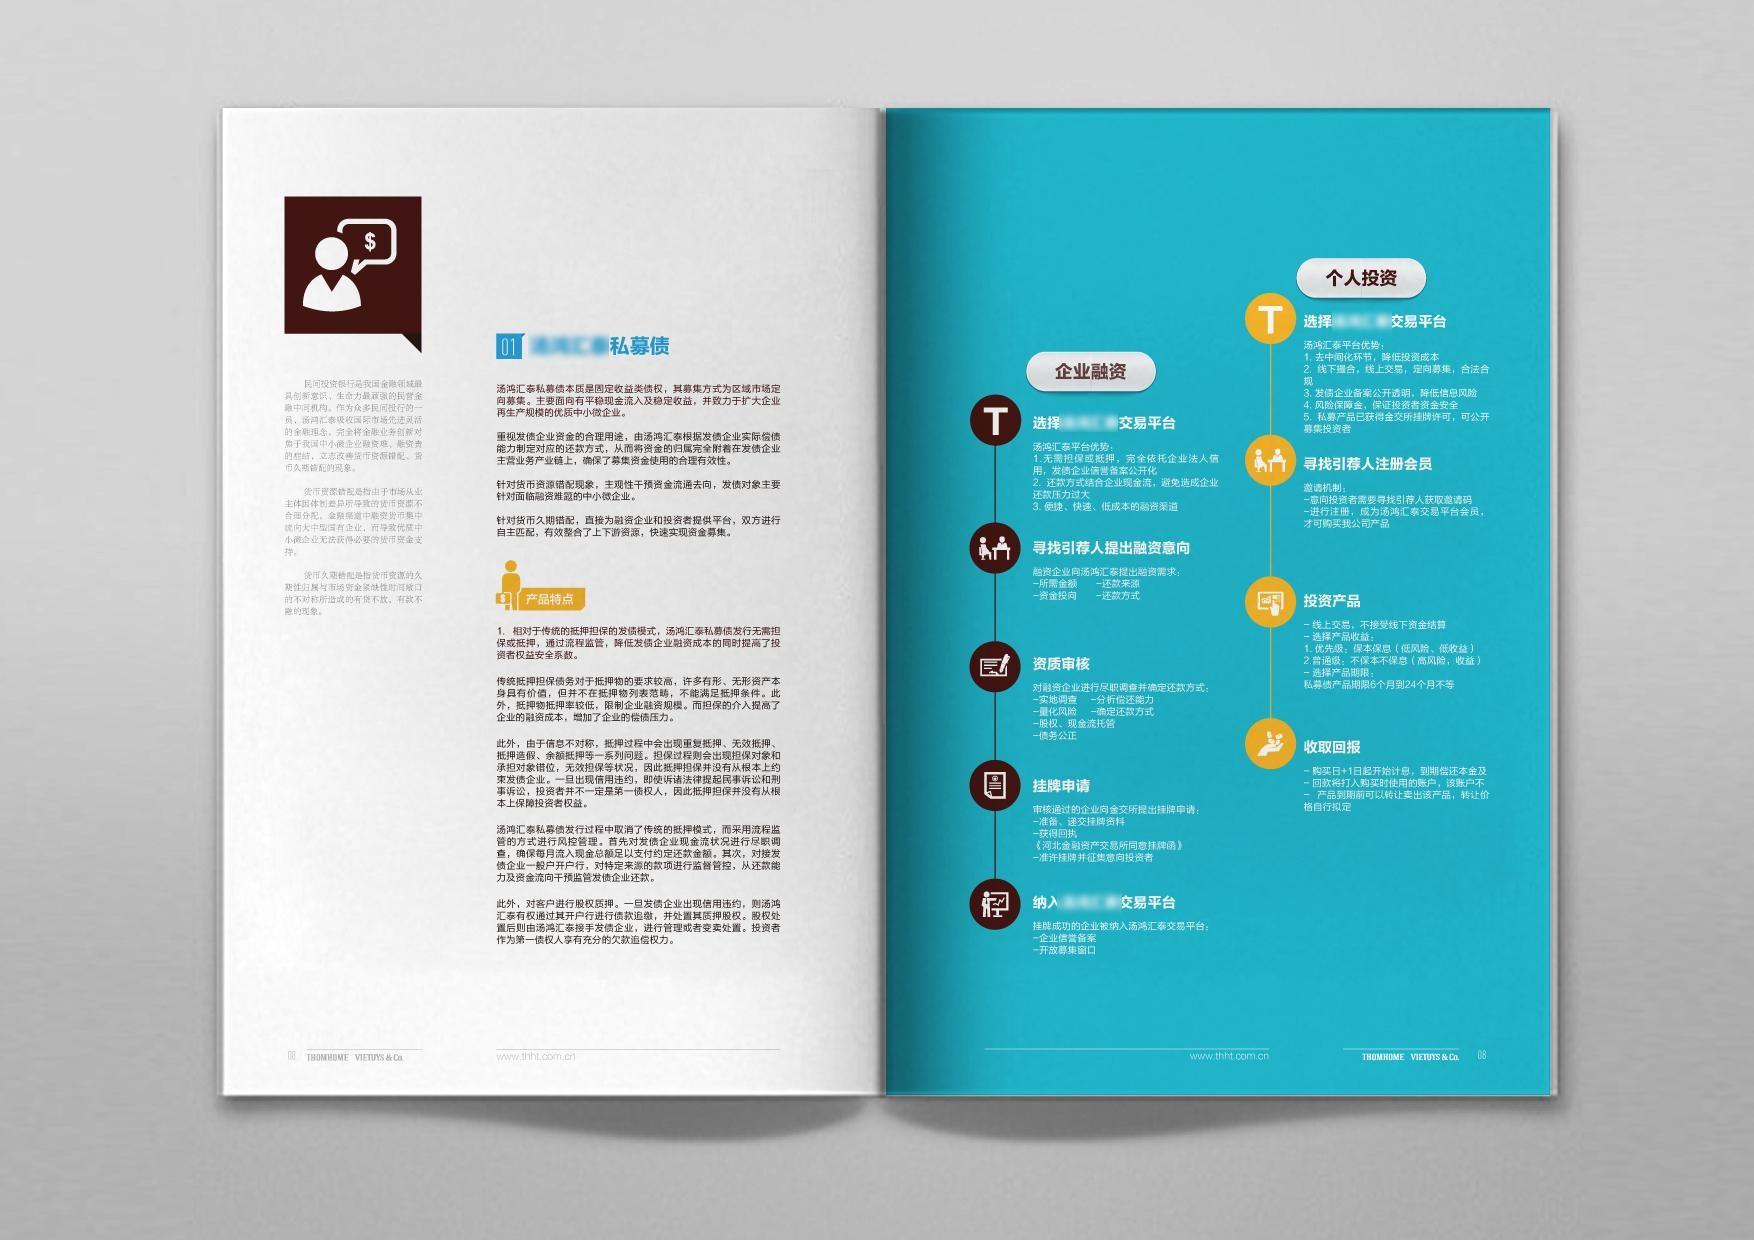 企业宣传册模板】  企业宣传册设计 金融行业-画册设计-合一设计图片